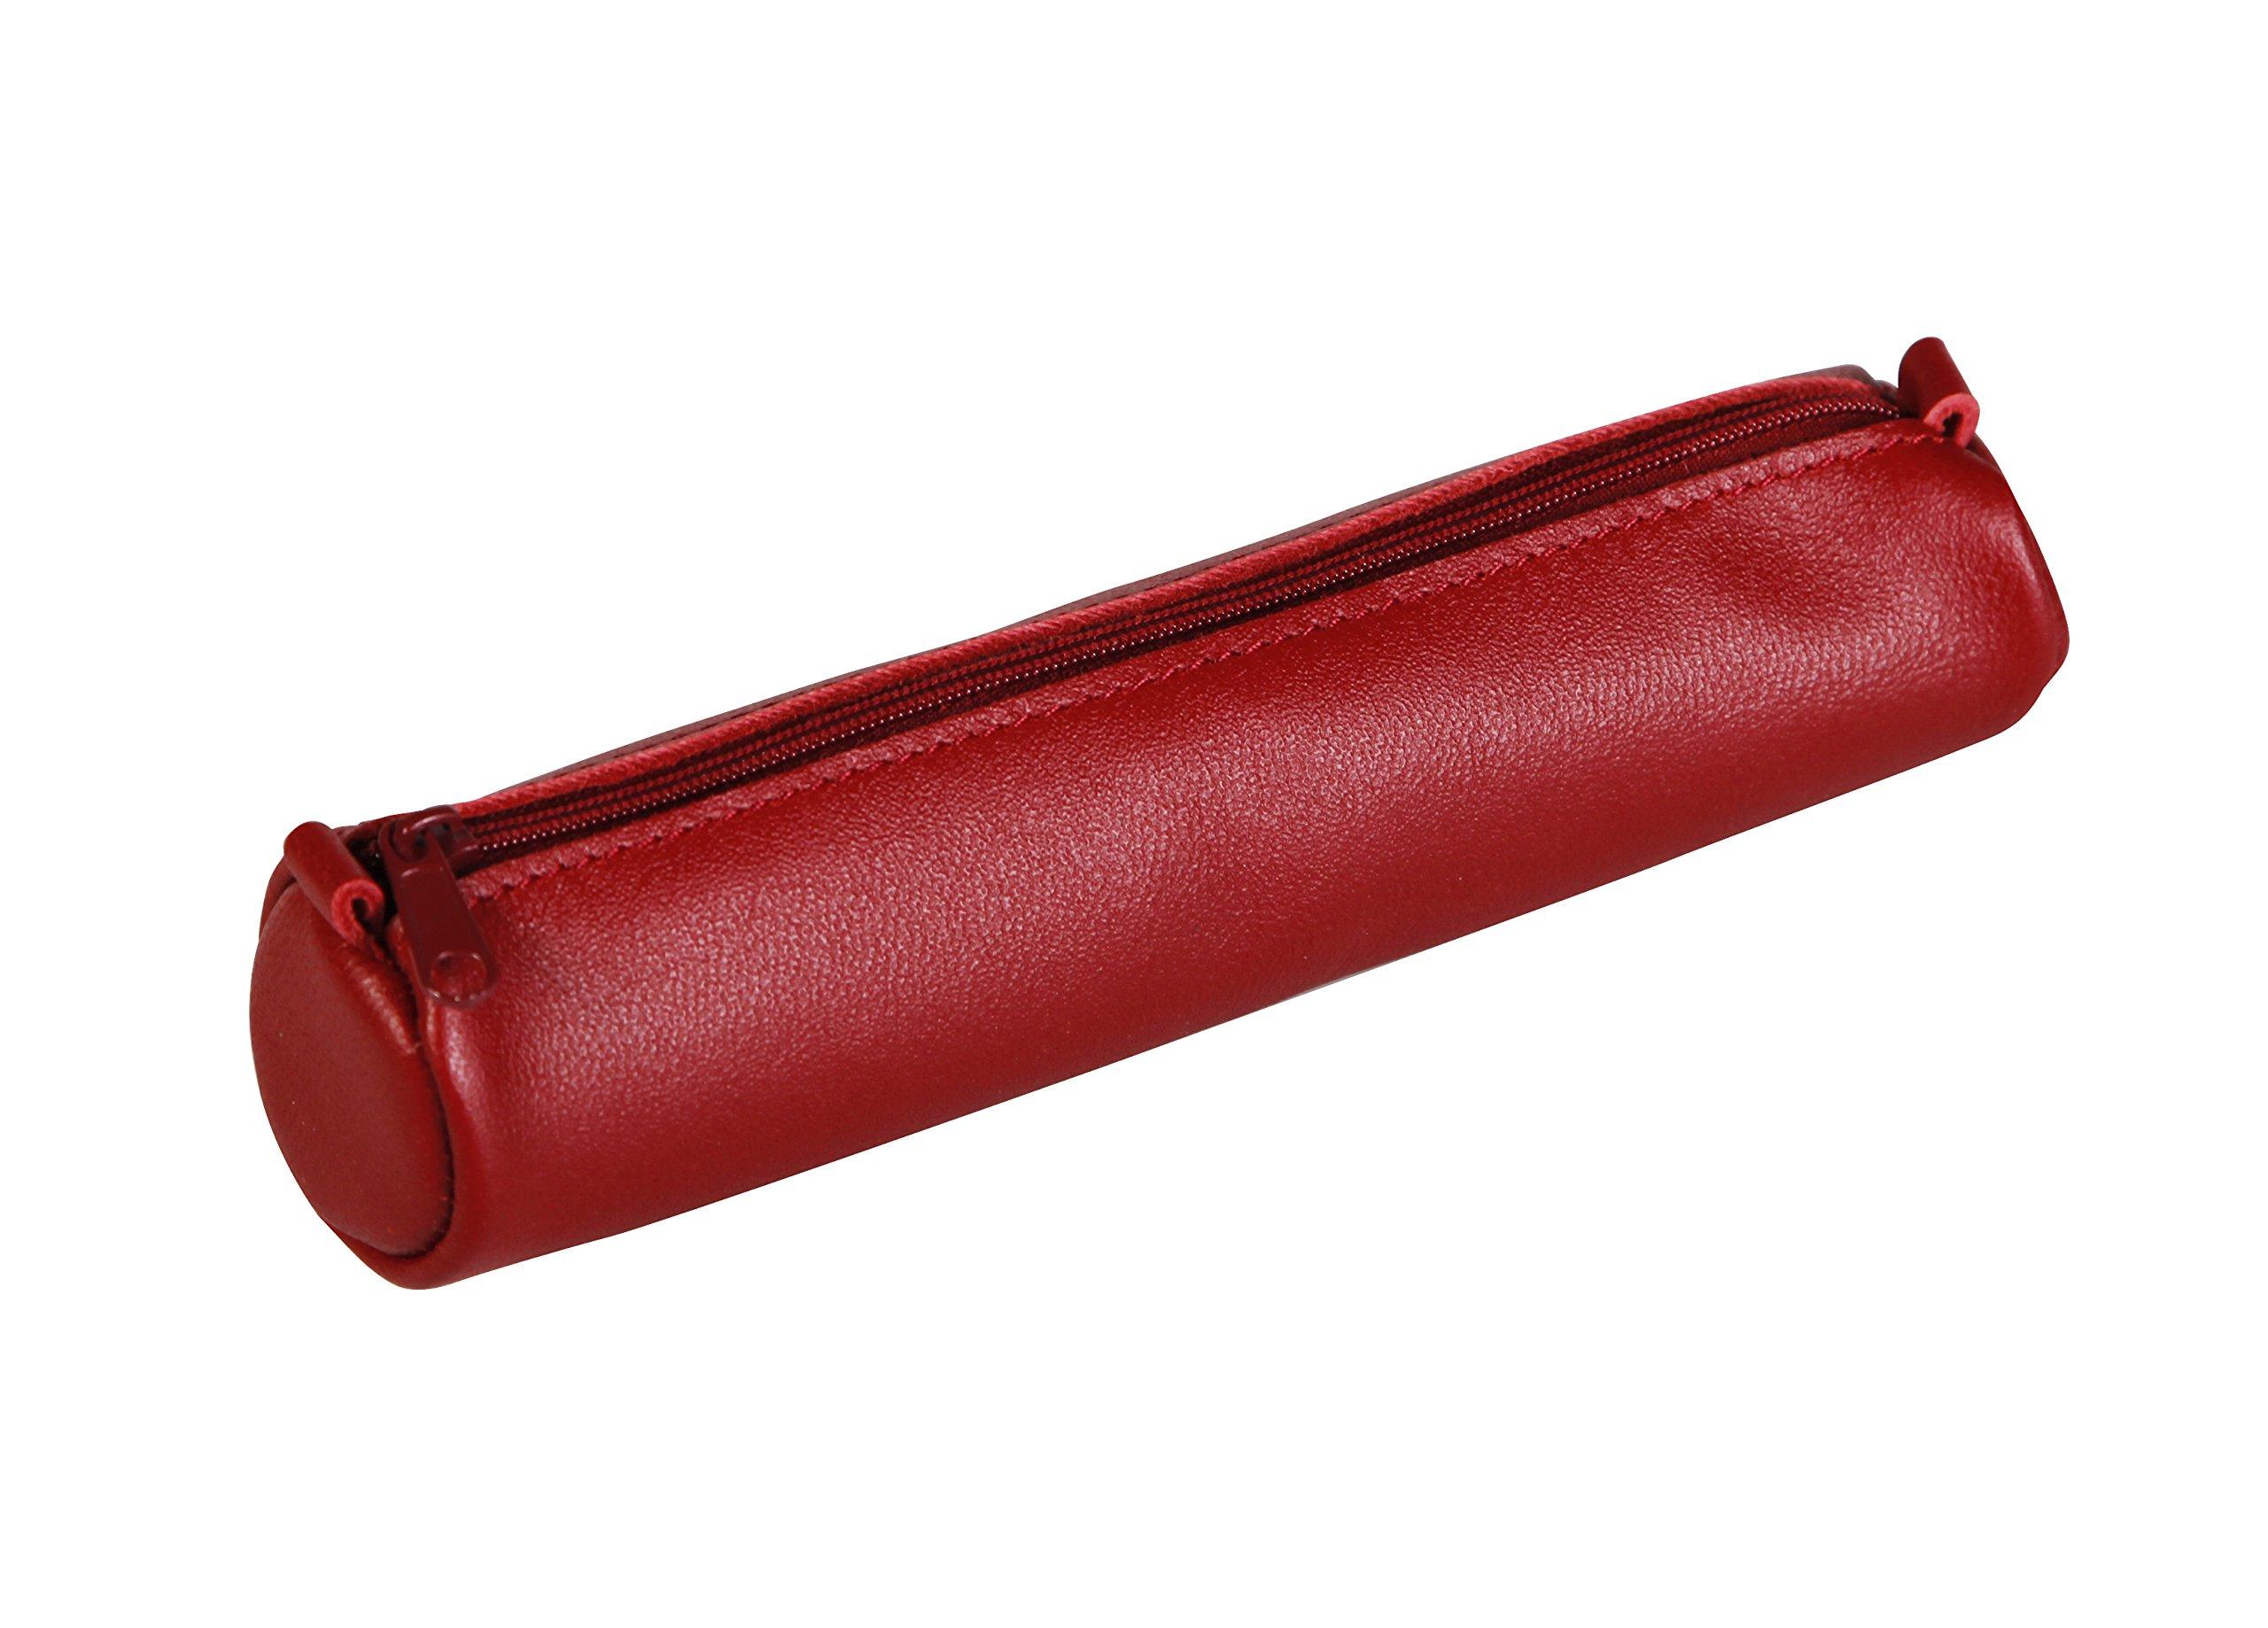 Clairefontaine Schlamperm AgeBag - Estuche Redonda de Piel, 18,5 x Ø 4, Rojo: C Rhodia: Amazon.es: Oficina y papelería